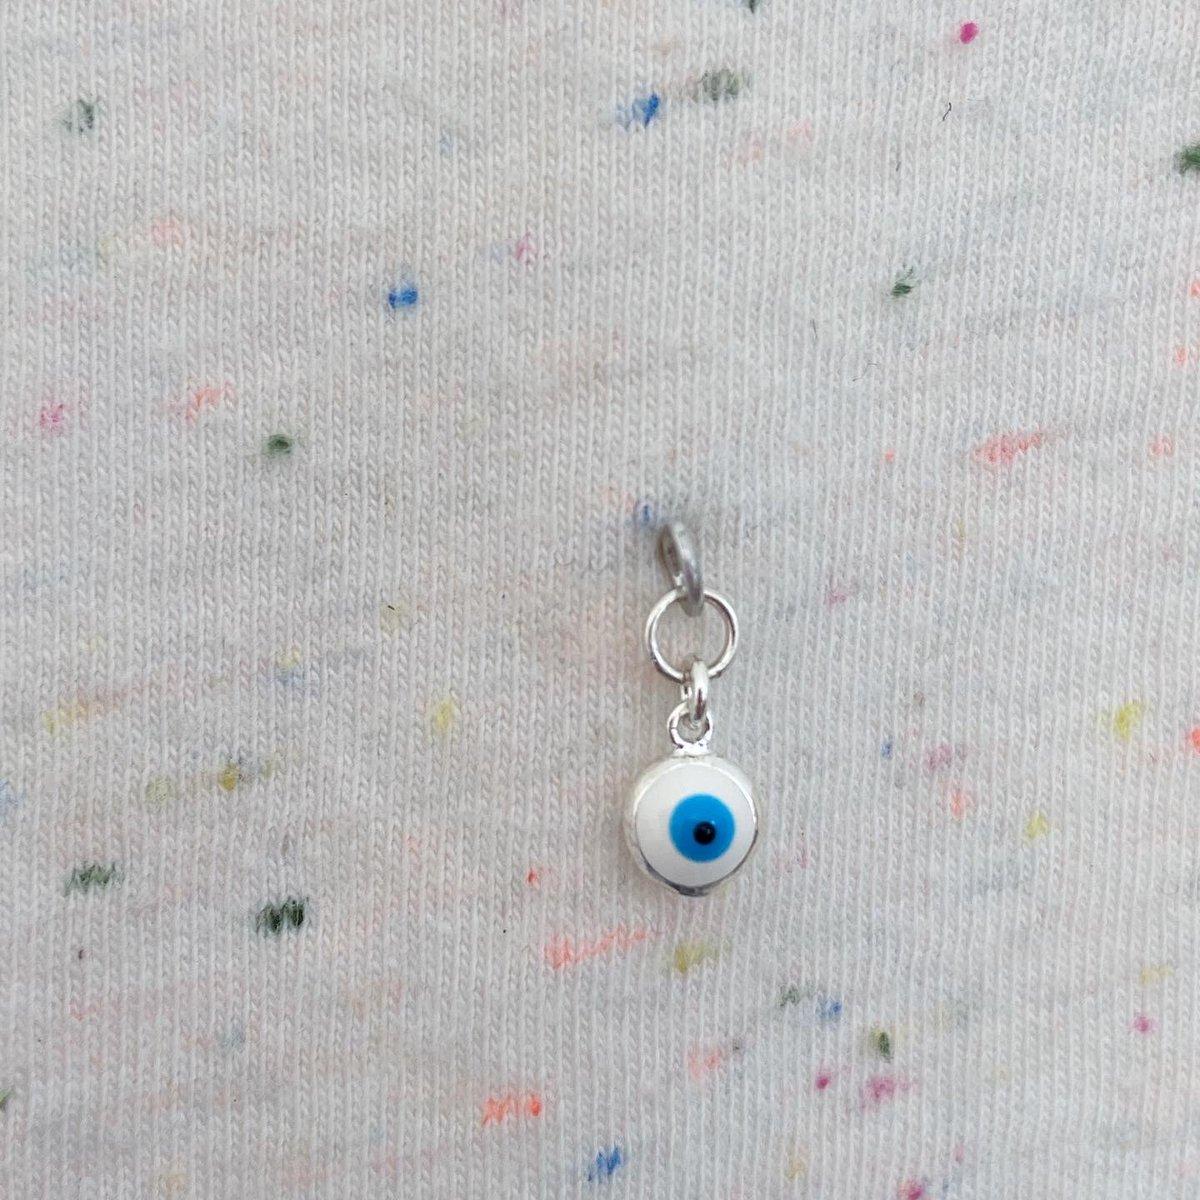 Image of evil eye single earring